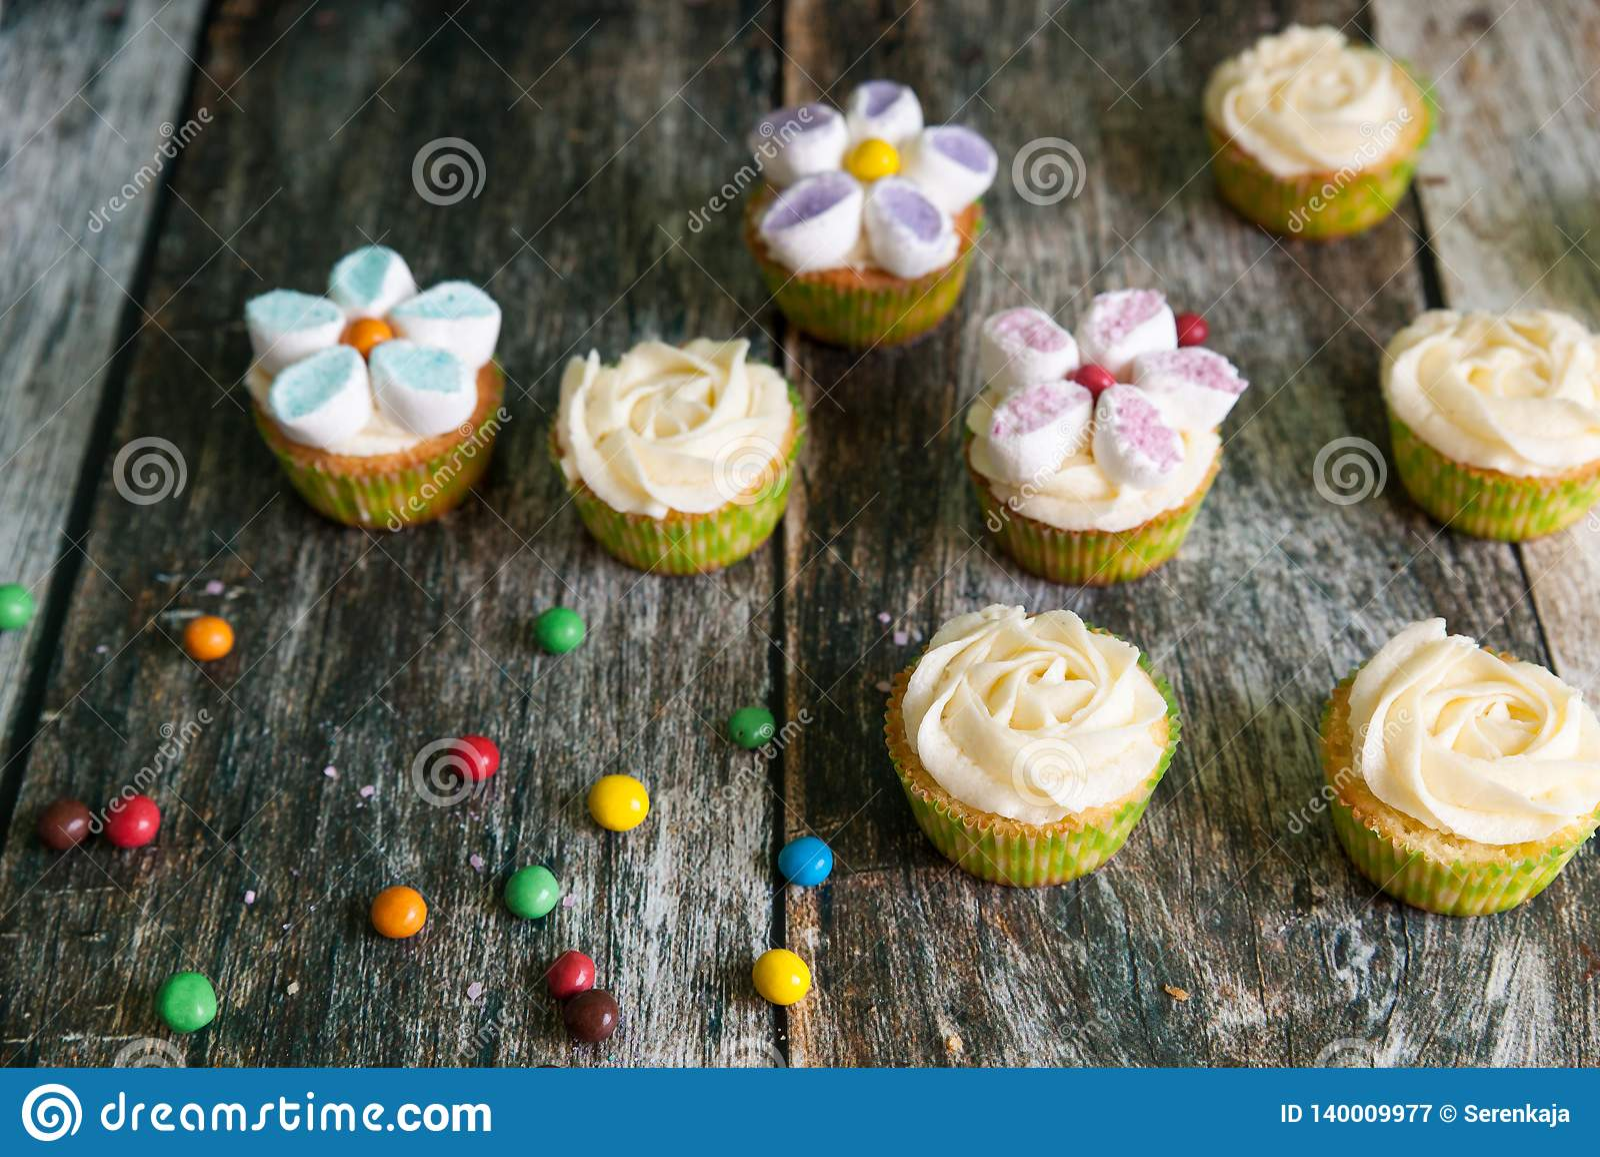 Petits gâteaux décorés des fleurs de crème et de guimauve de beurre